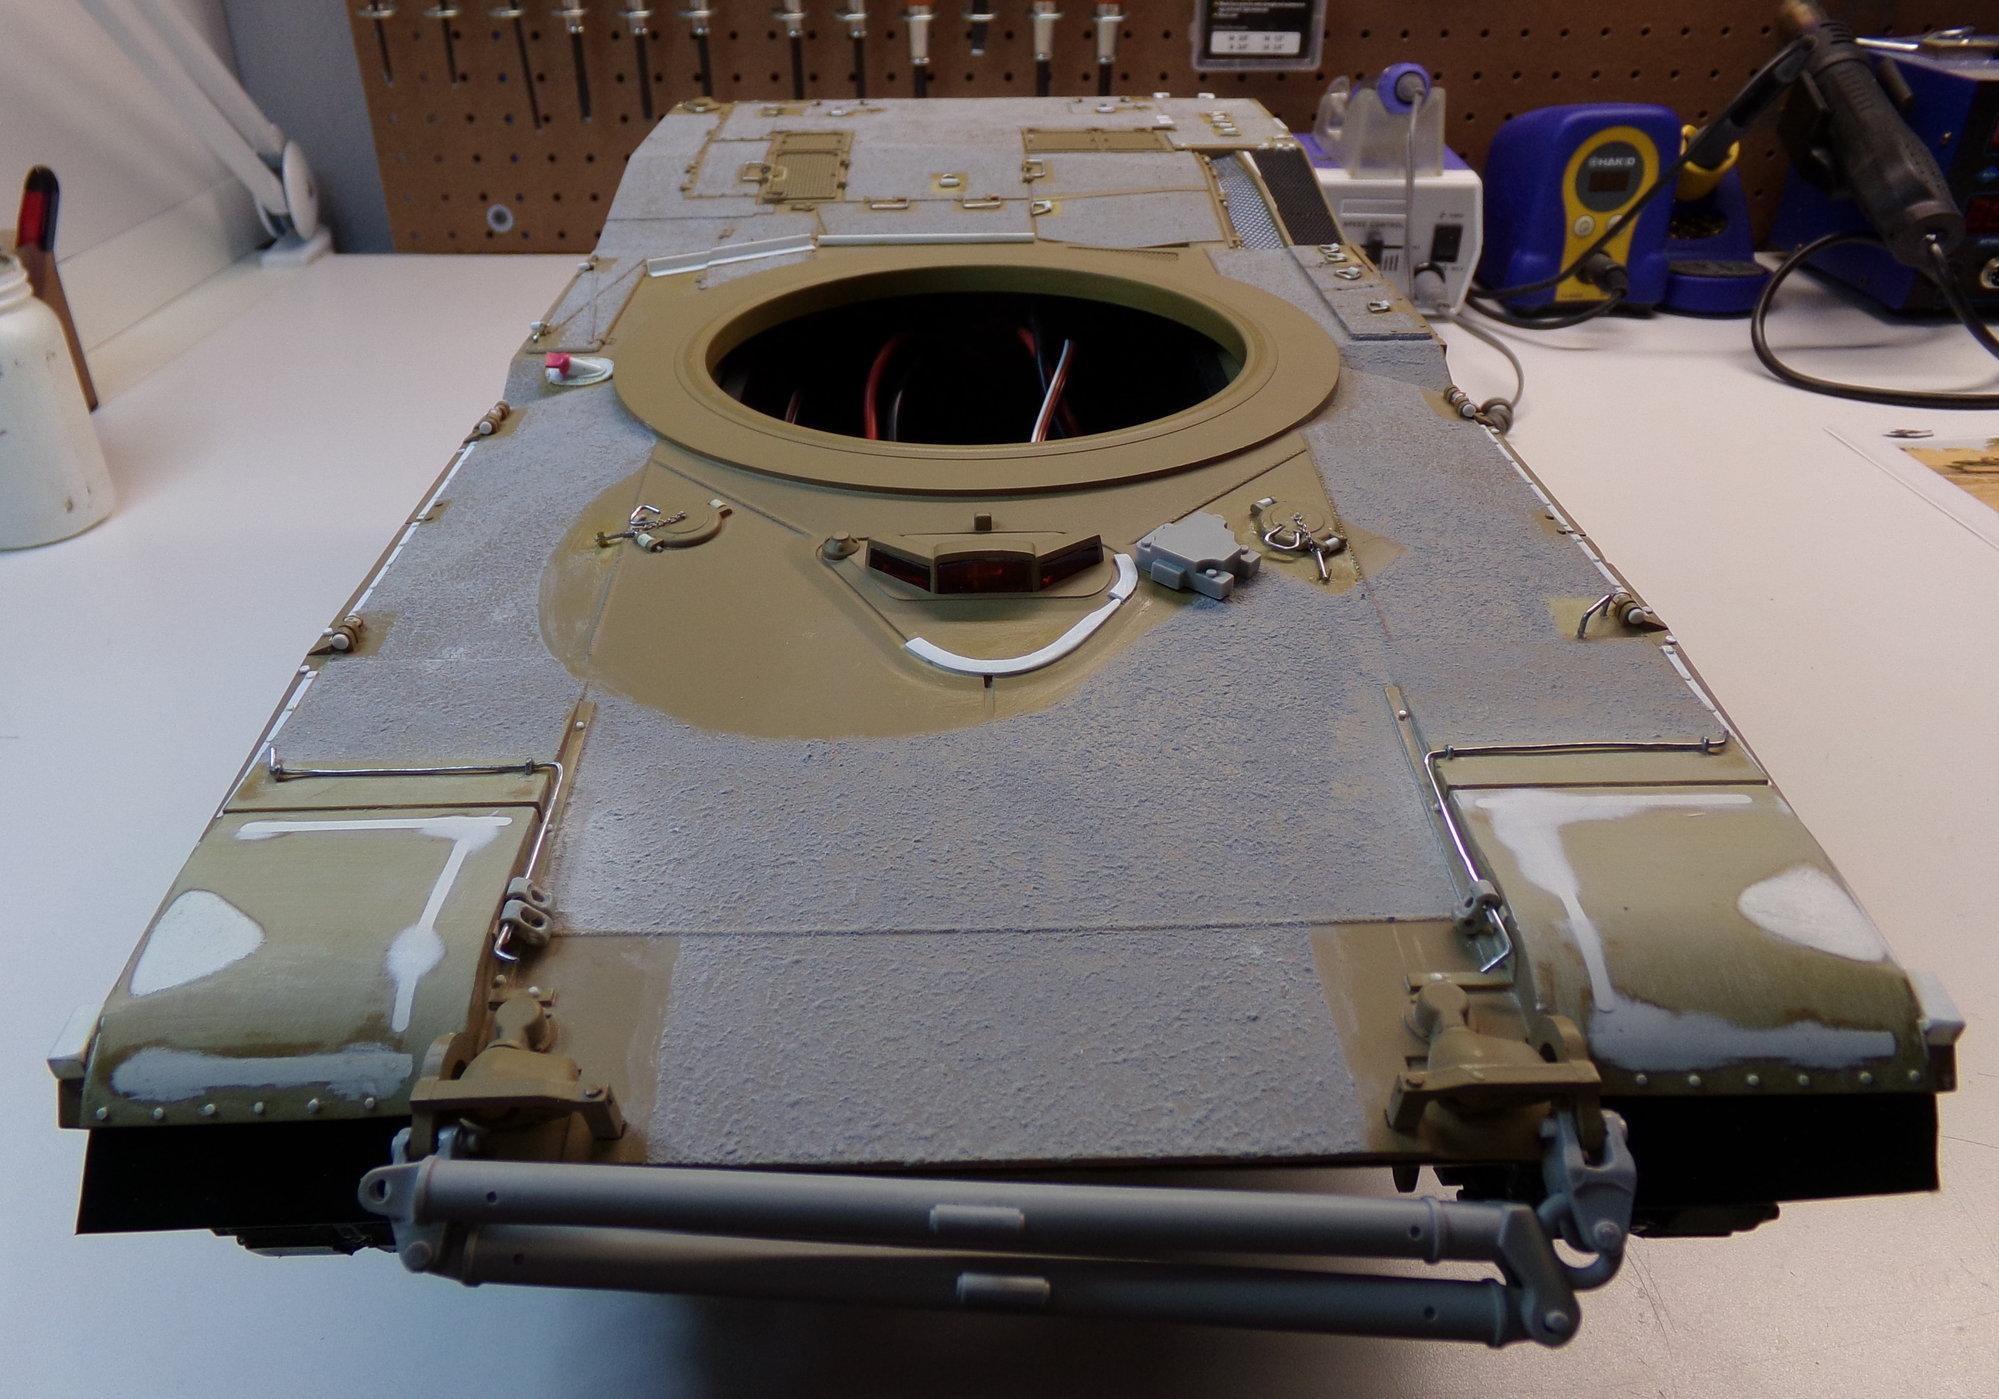 Long overdue M1A2 SEP v2 Abrams Build - RCU Forums